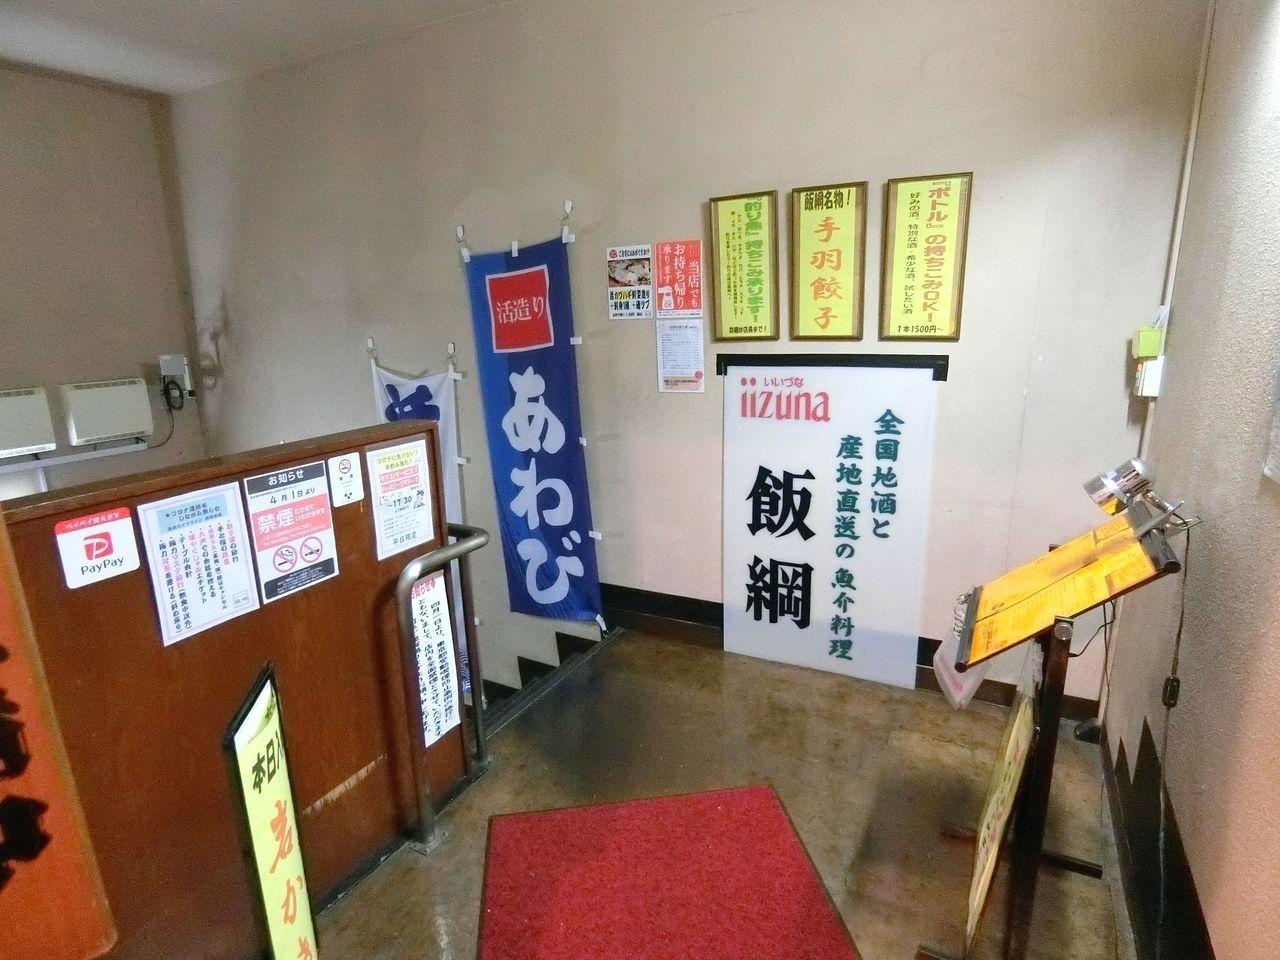 志村坂上の居酒屋「飯綱(いいづな)」